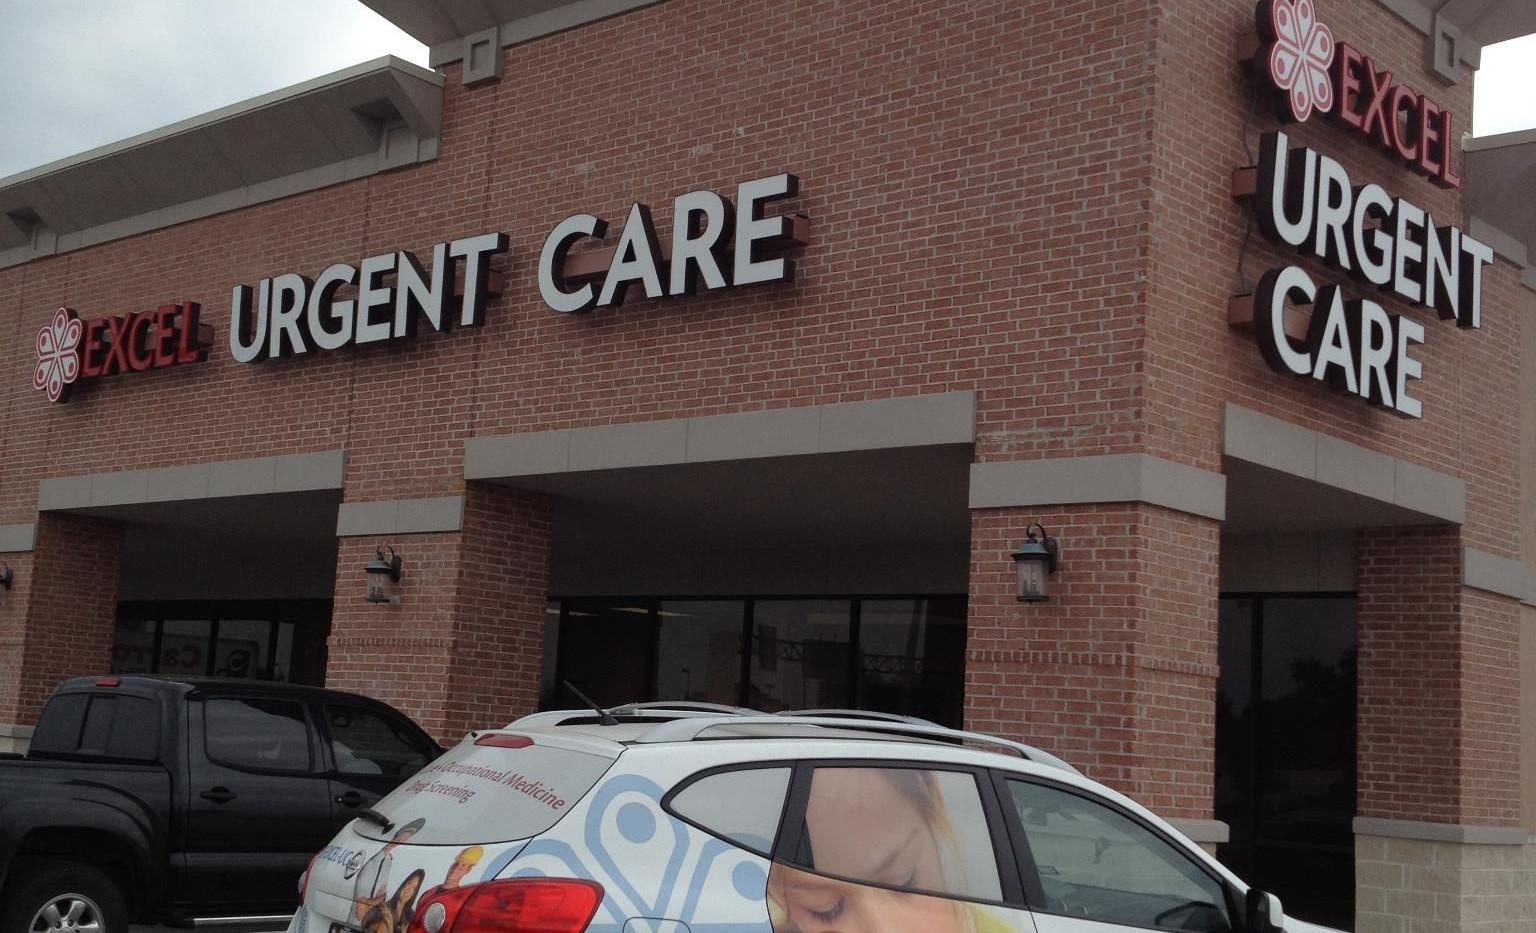 Excel Urgent Care